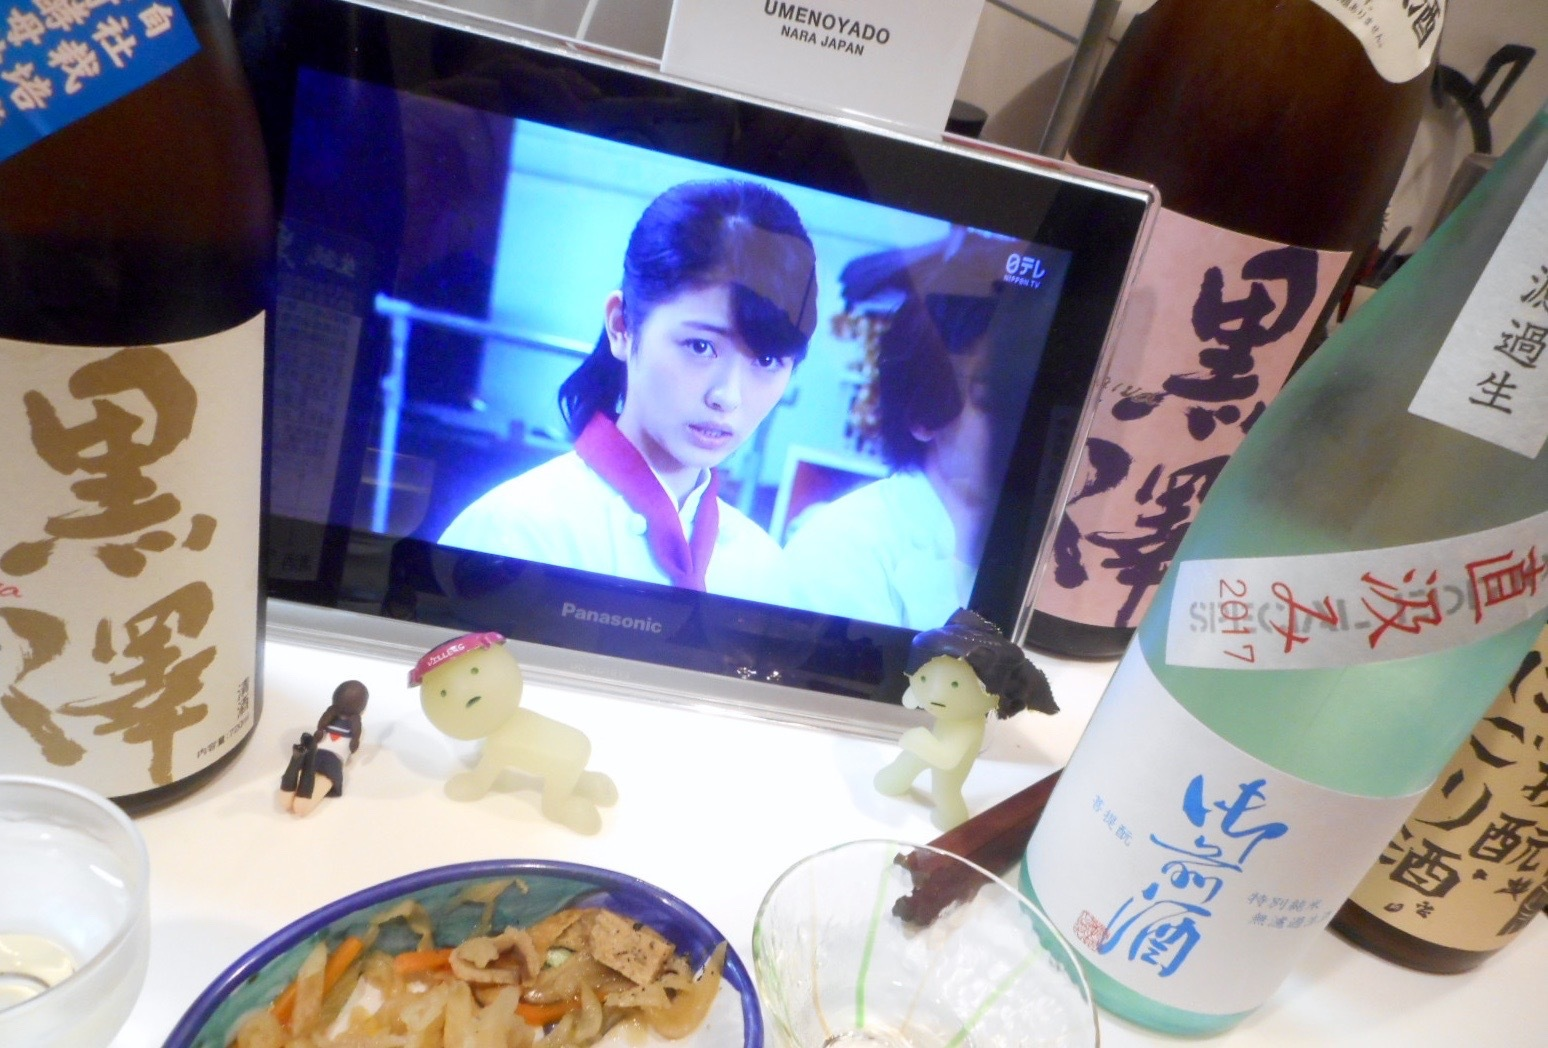 kurosawa_type7_29by3_7.jpg